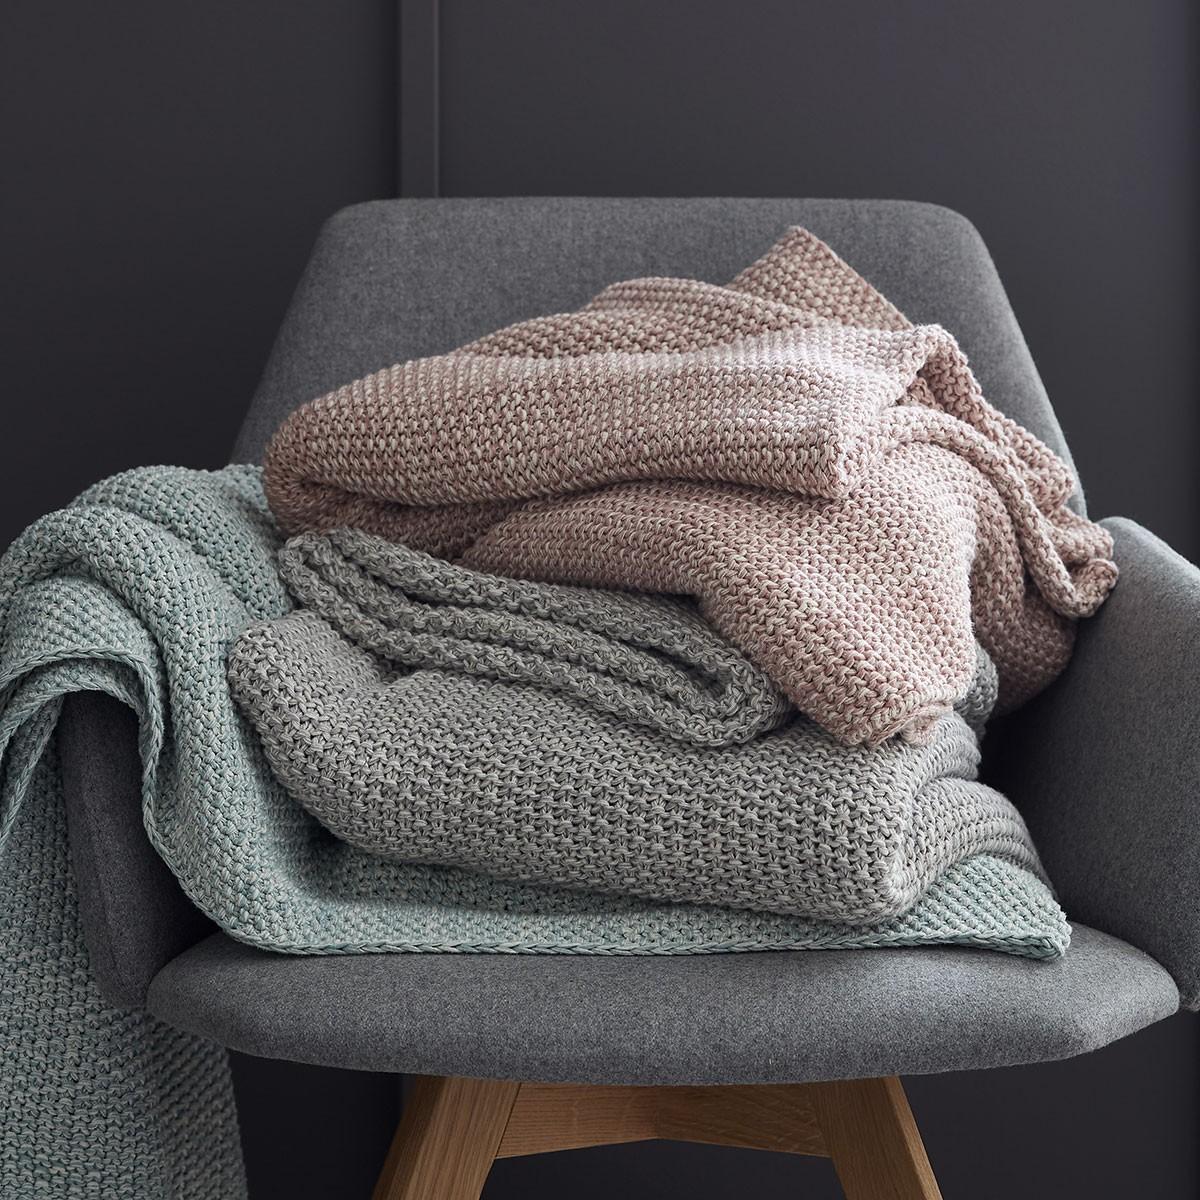 Wohndecke Zen Schoner Wohnen Kollektion Mit Fransen Online Kaufen Wohndecke Textilien Und Baumwolldecken